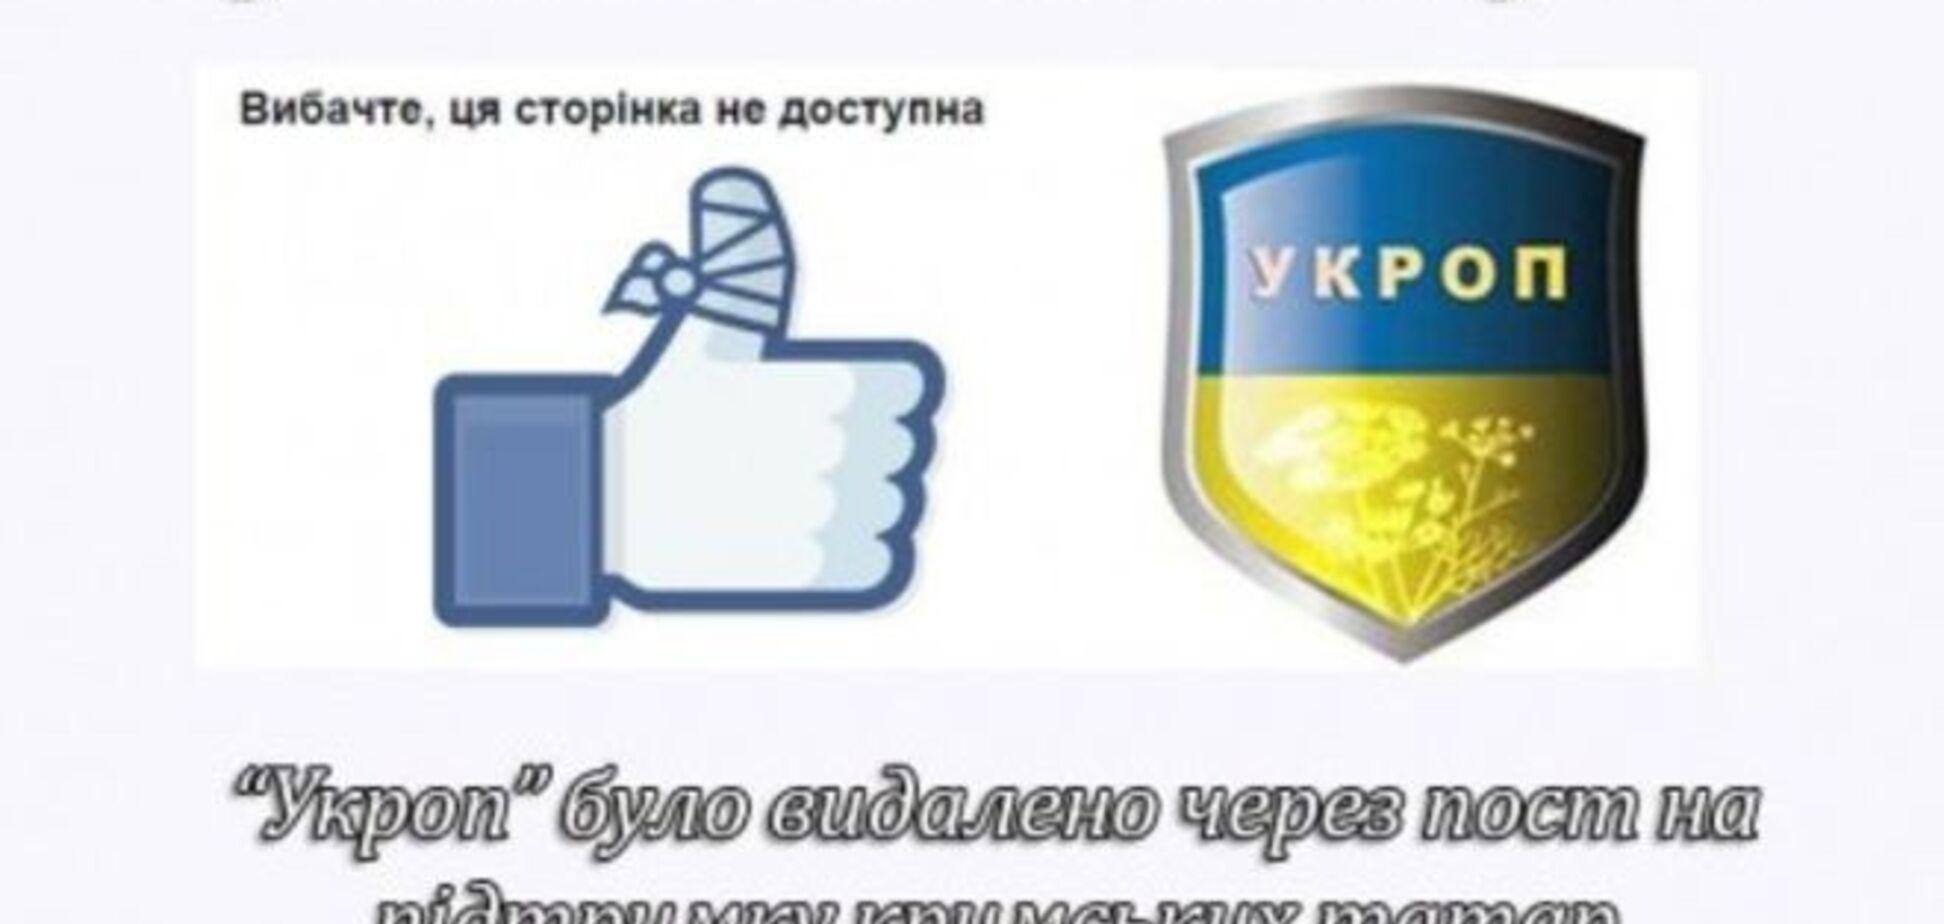 Facebook удалил сообщество 'УКРОП' за фото в поддержку крымских татар